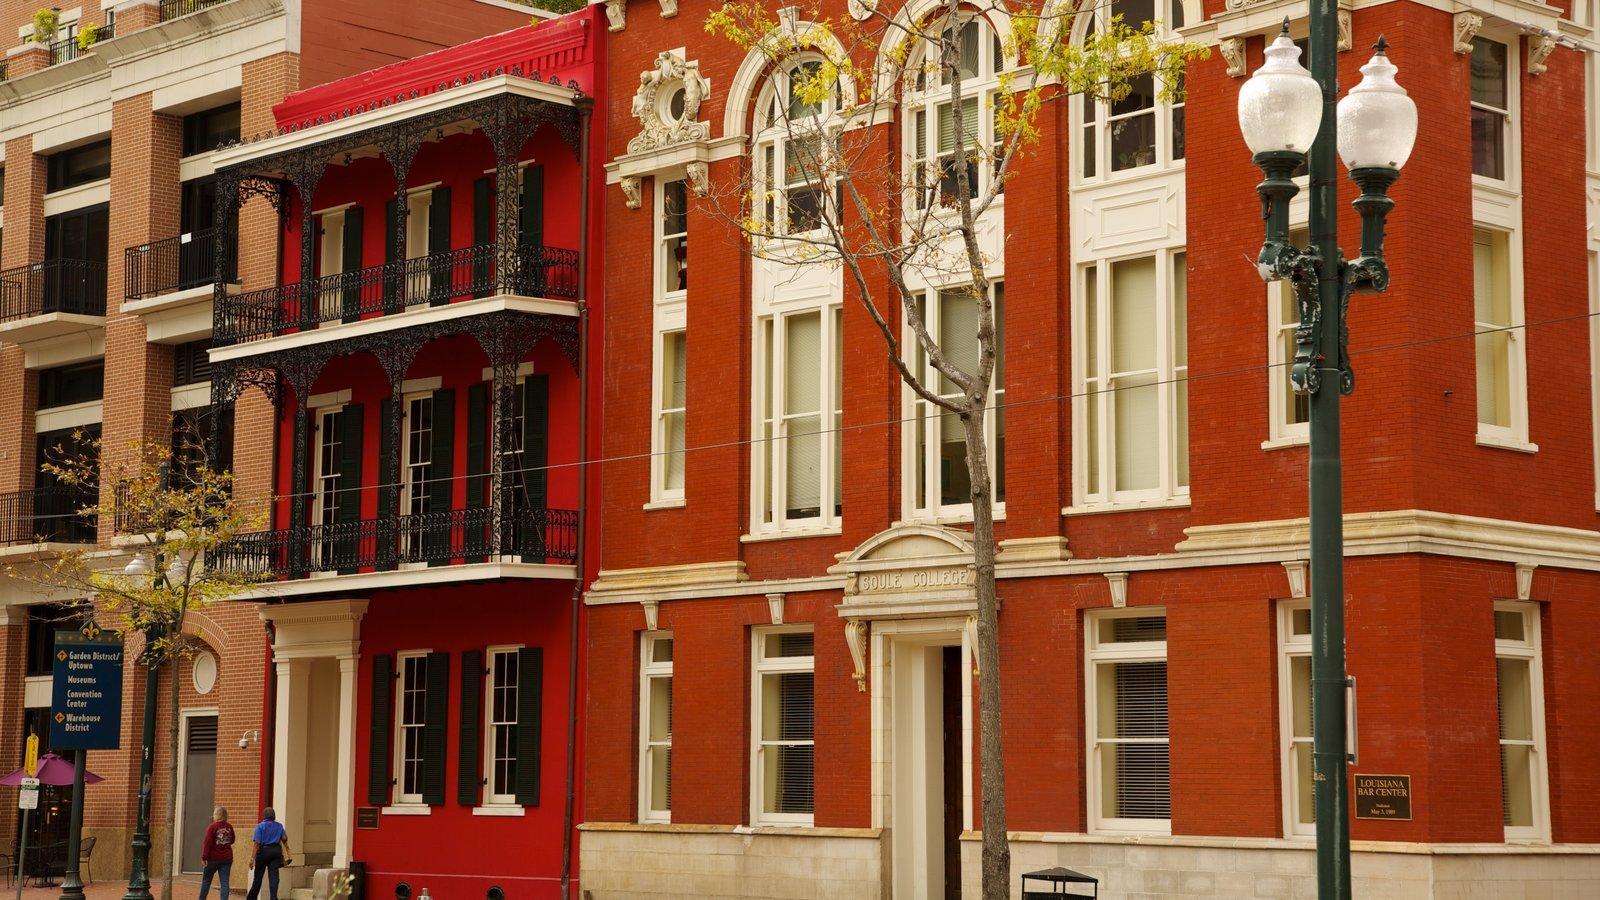 Distrito Warehouse - Centro de convenciones ofreciendo patrimonio de arquitectura, distrito financiero central y una casa